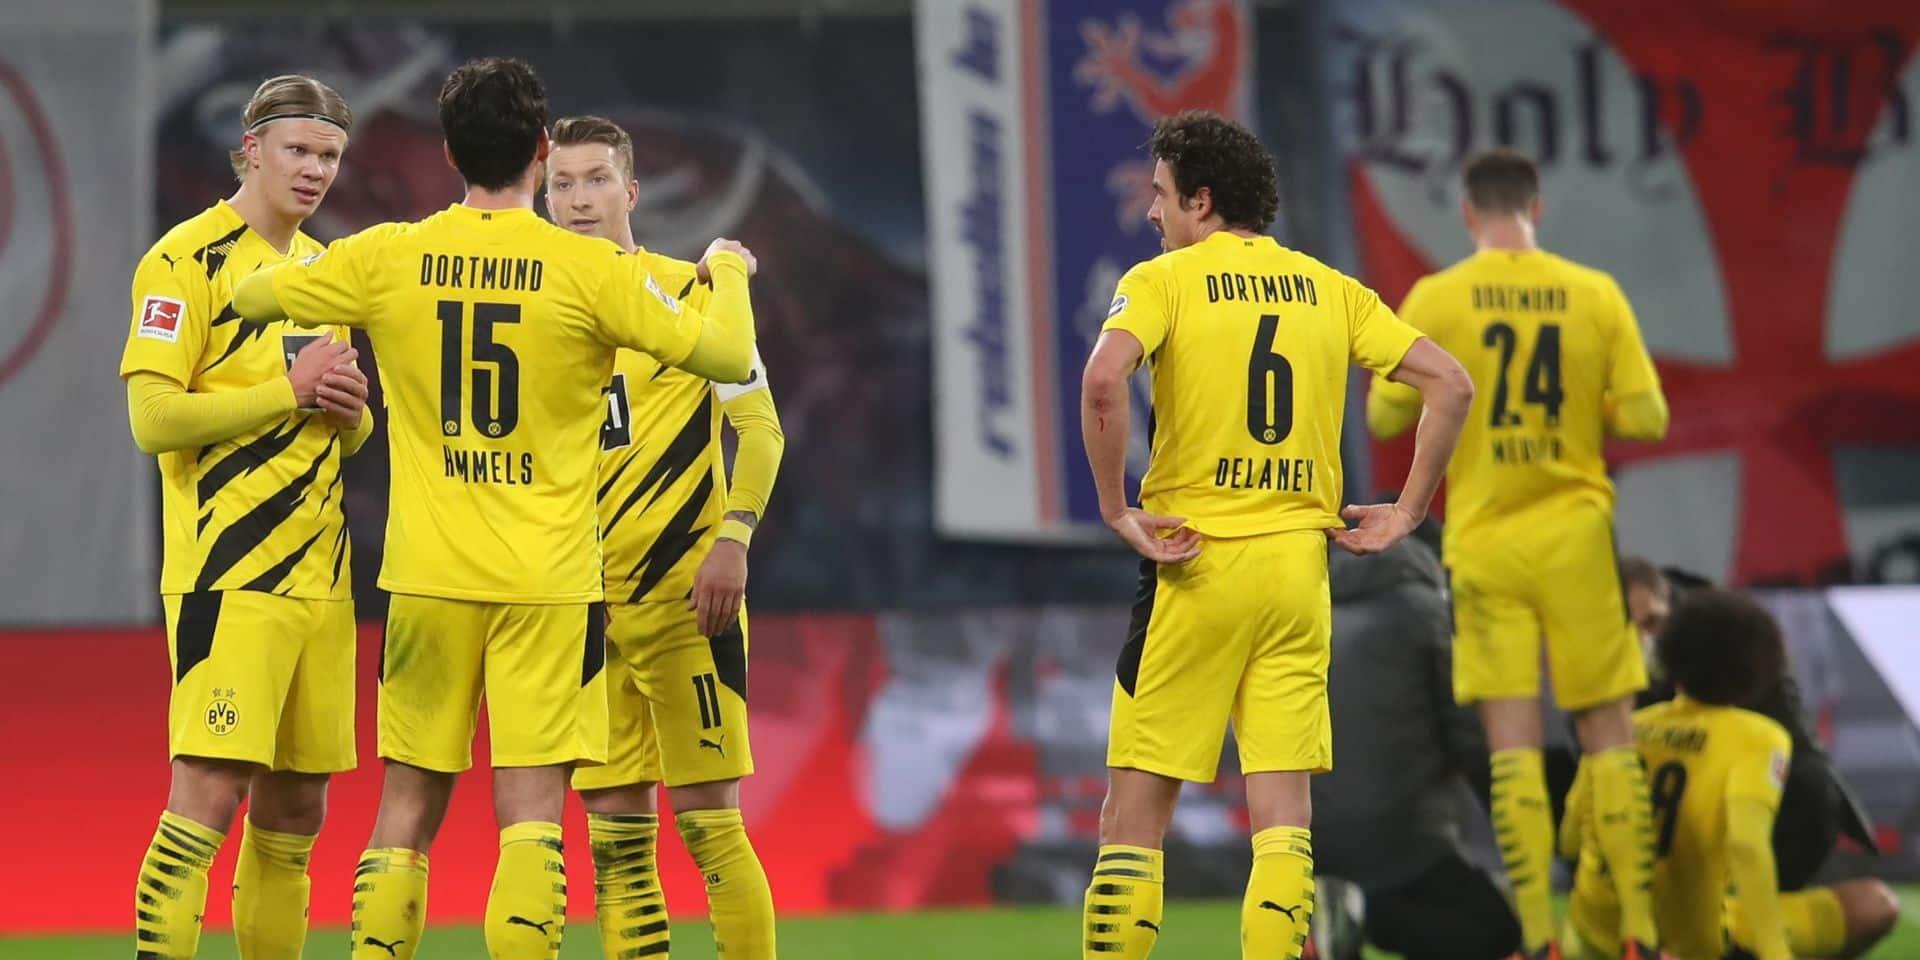 Le beau geste des joueurs du Borussia Dortmund pour Axel Witsel avant la rencontre face à Mayence (PHOTOS)